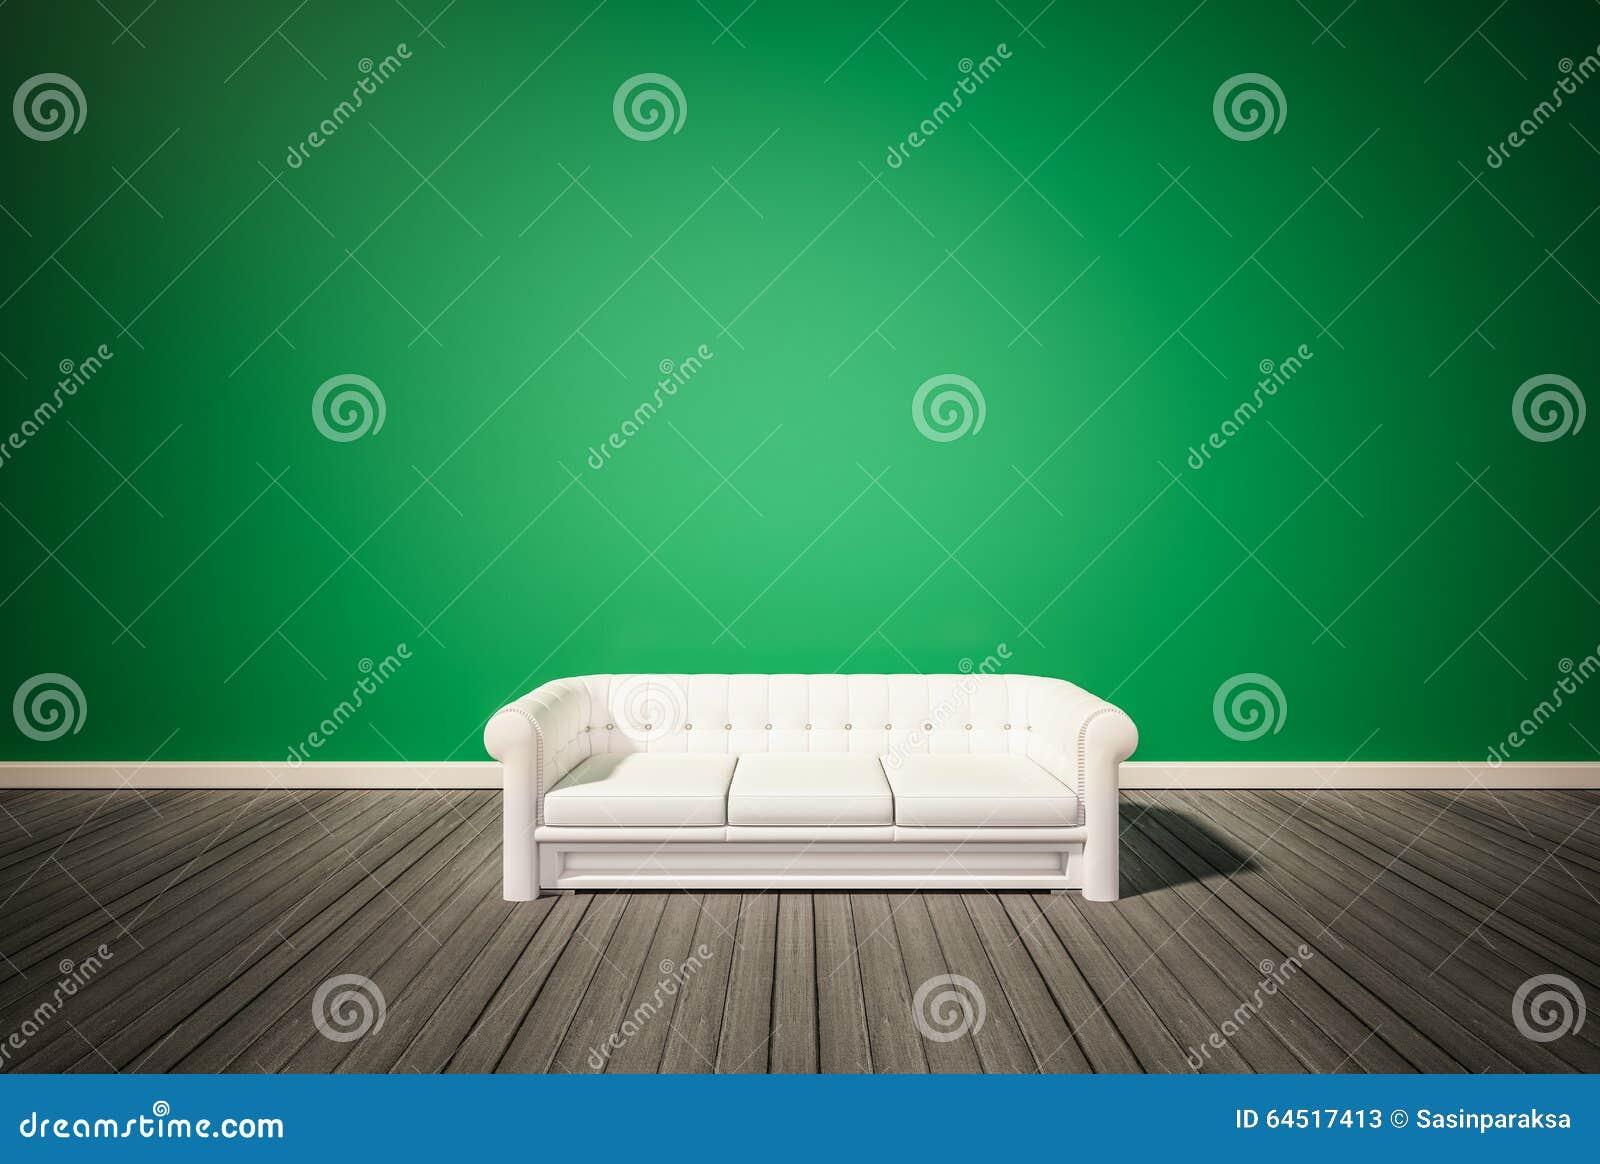 Waarom een donkere vloer zo goed staat in een woonkamer makeover